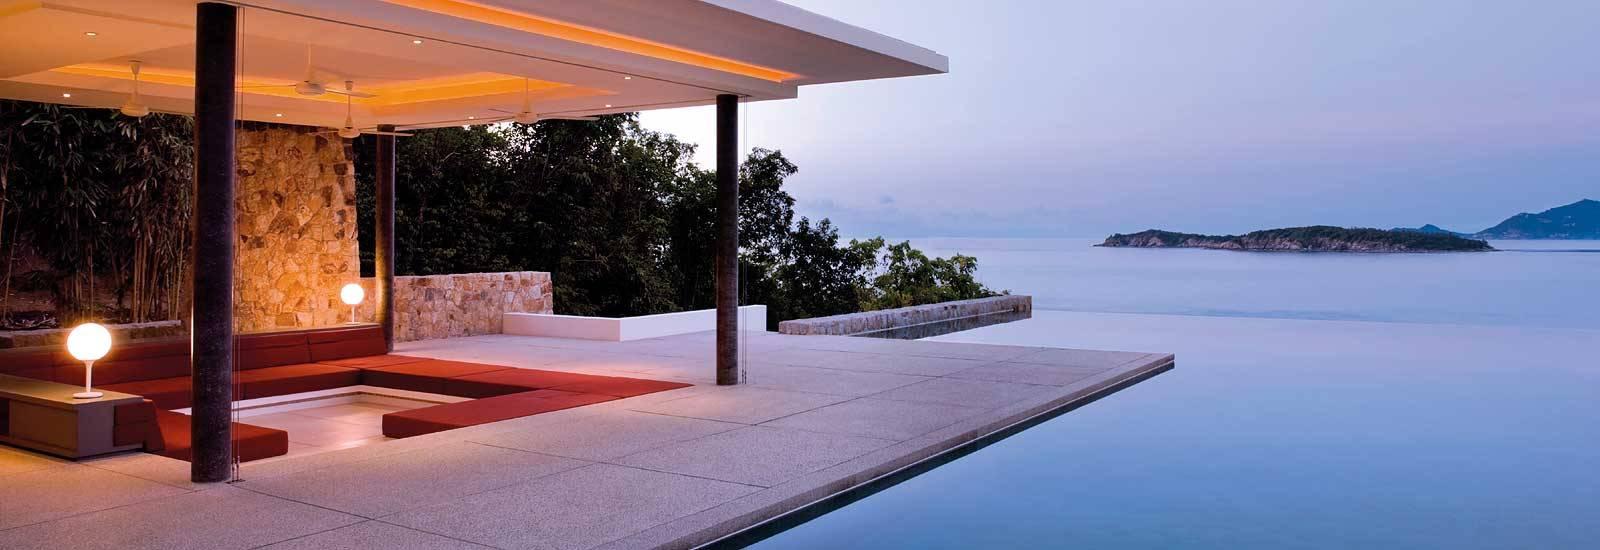 luxus Immobilien auf Mallorca zum Kauf